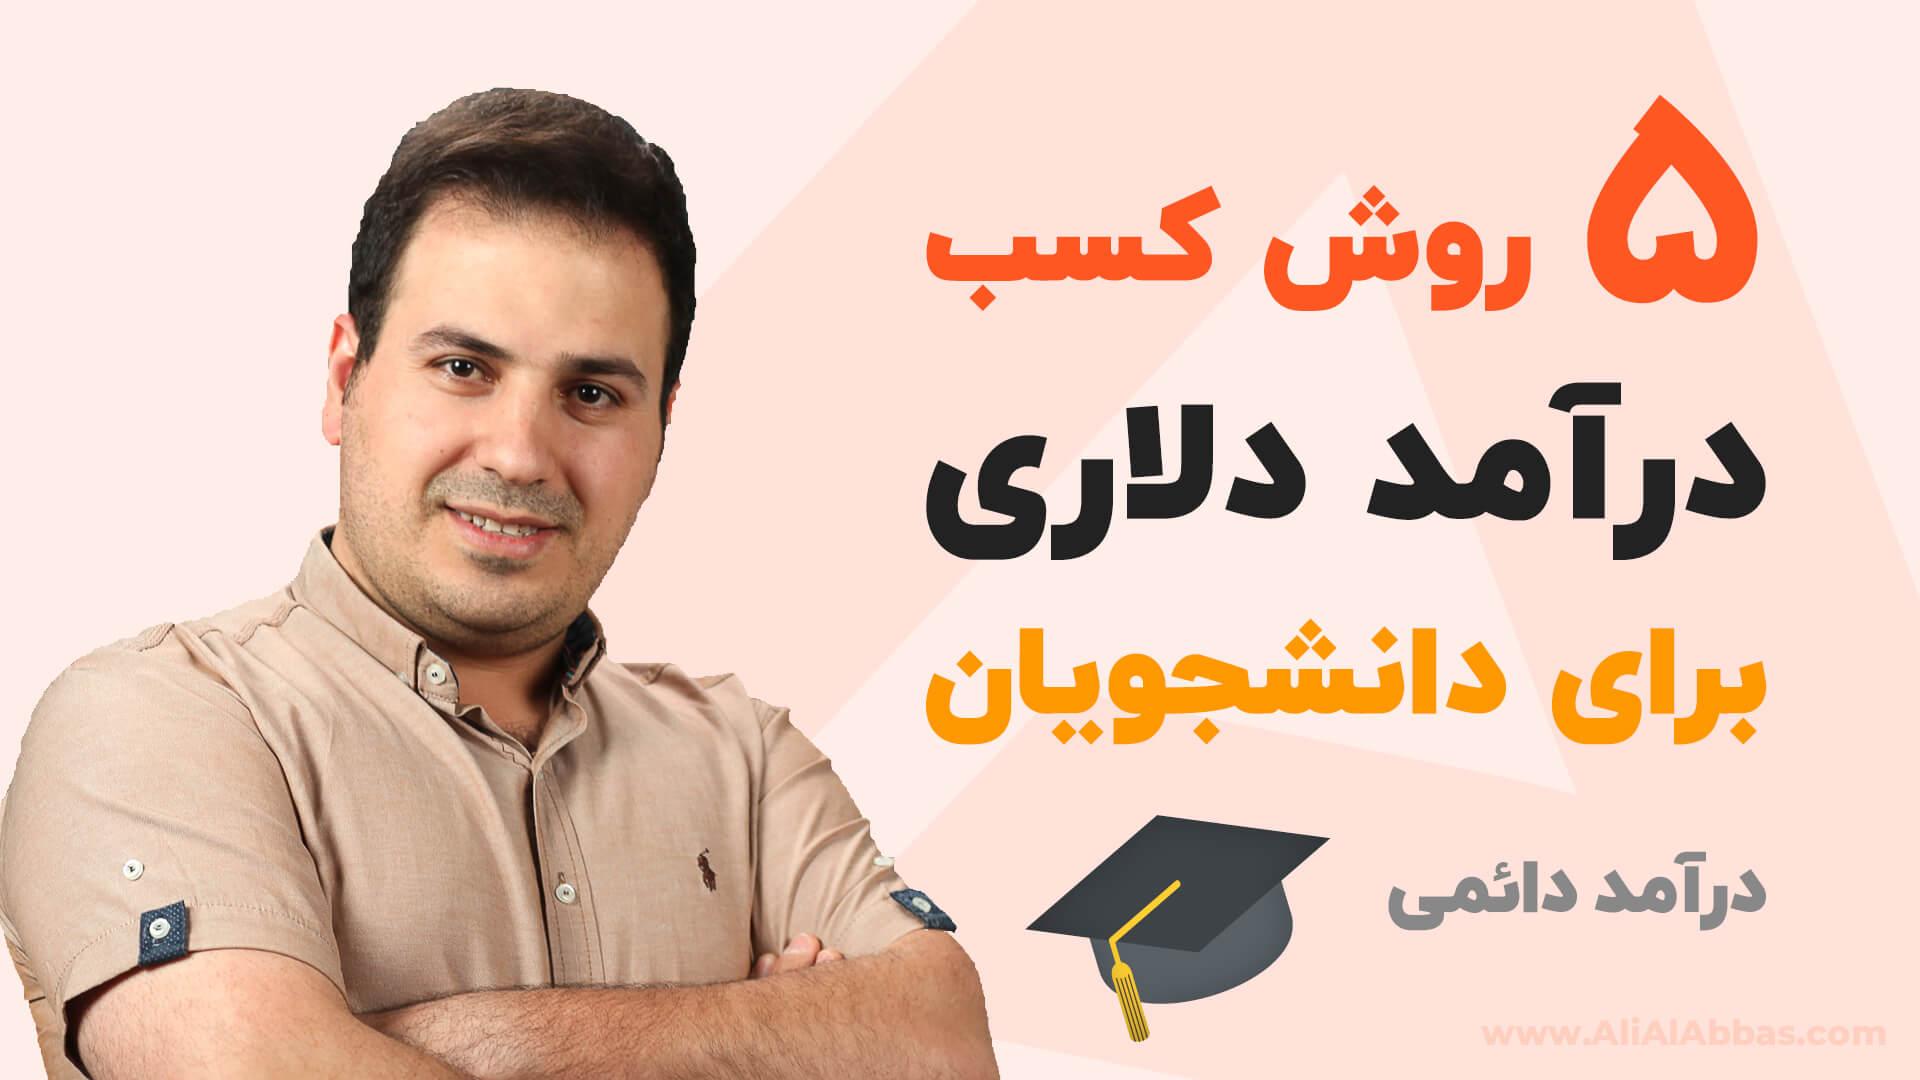 5 روش کسب درآمد آنلاین برای دانشجویان - درآمد دلاری و پایدار - علی آل عباس